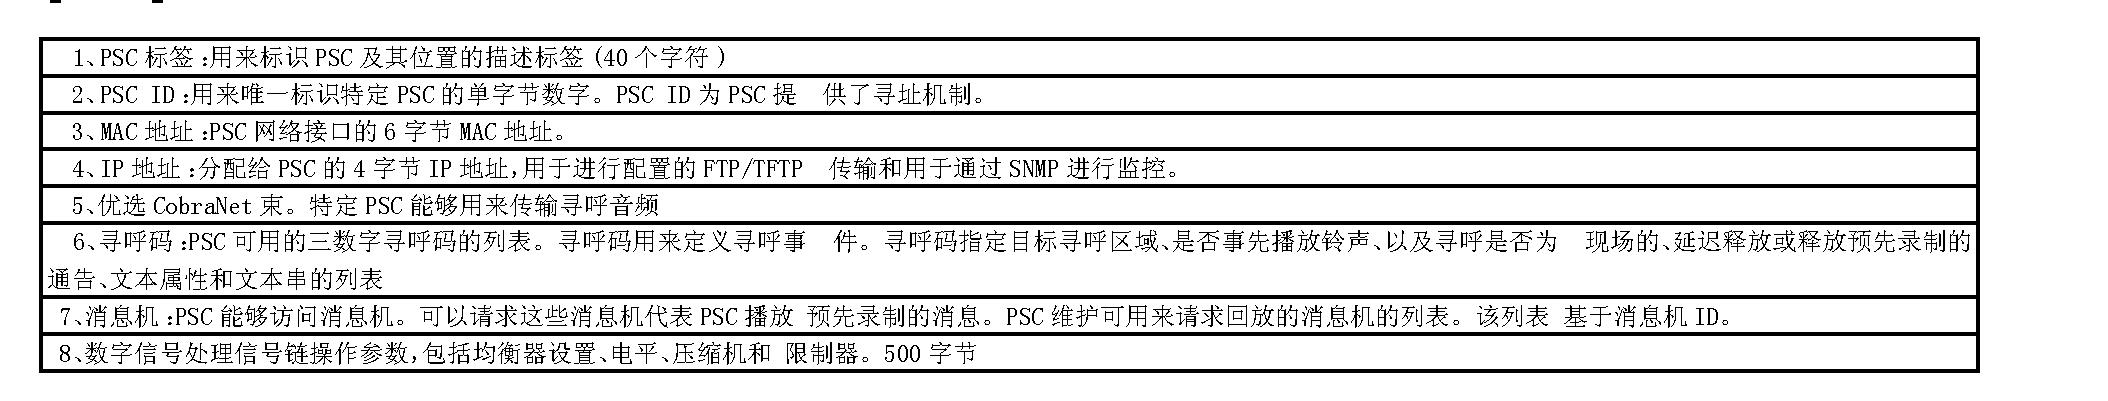 Figure CN101095371BD00121